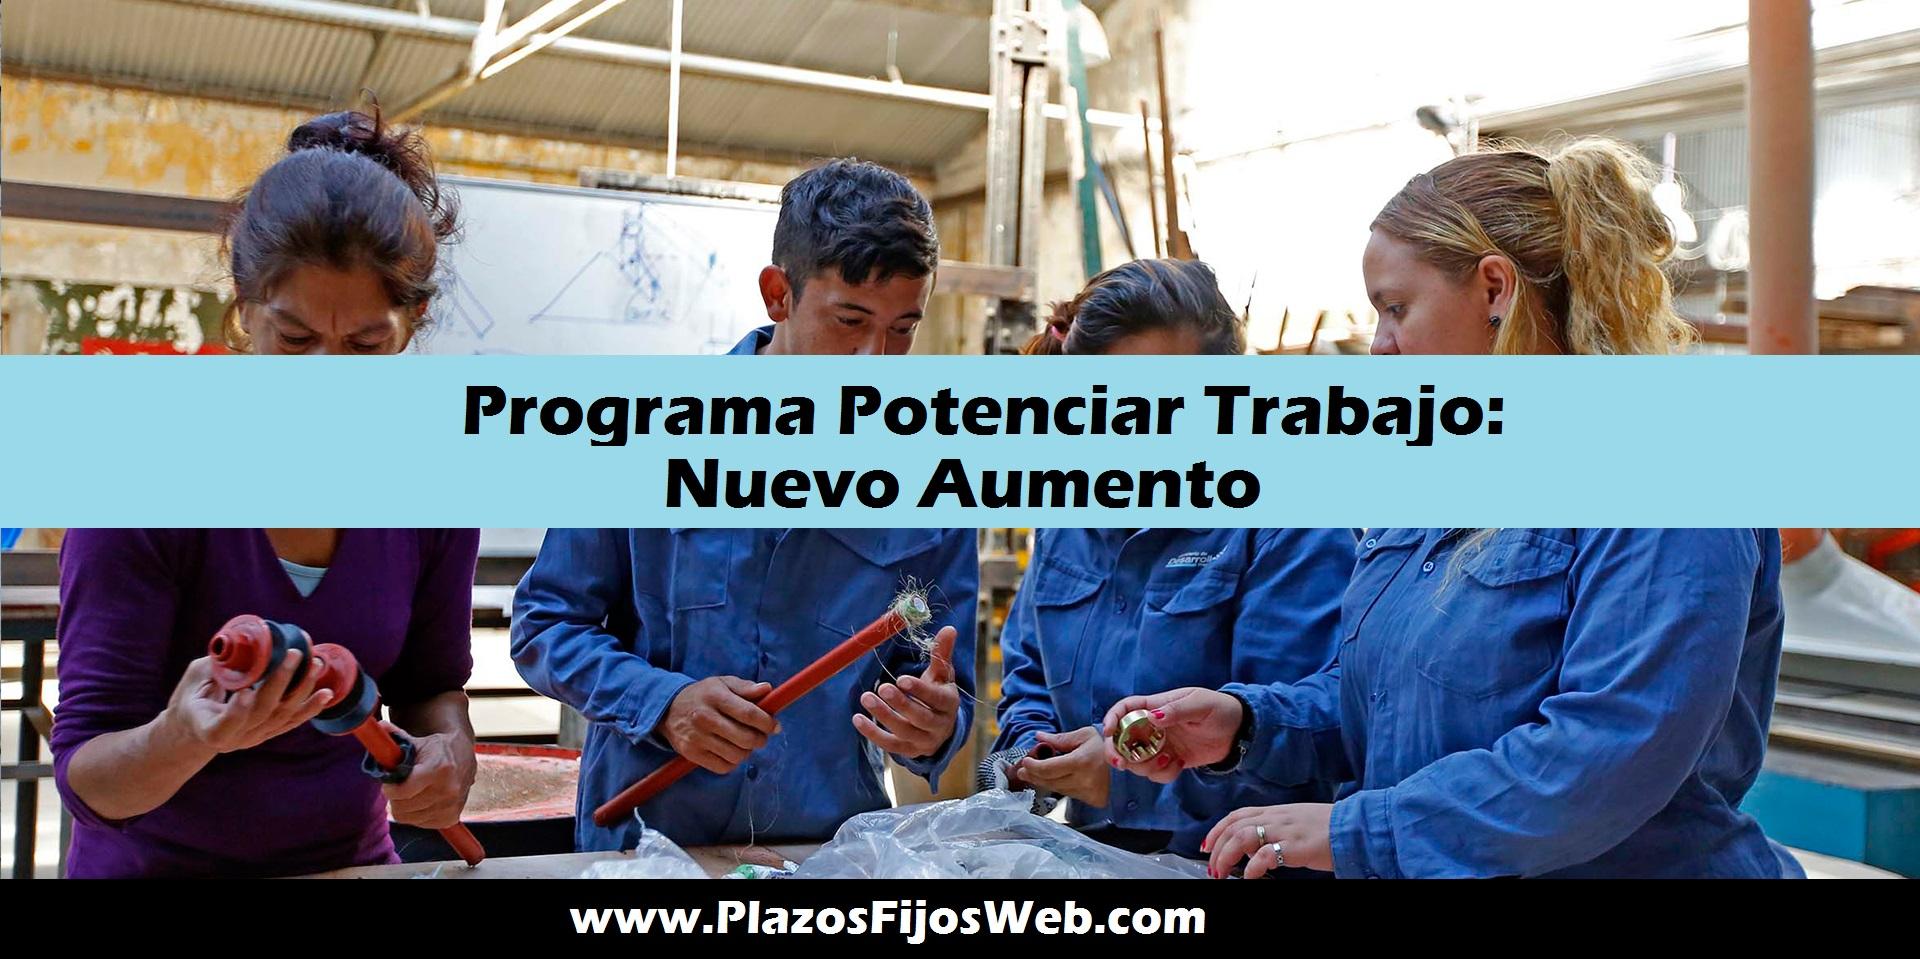 Programa Potenciar Trabajo Inscribirse